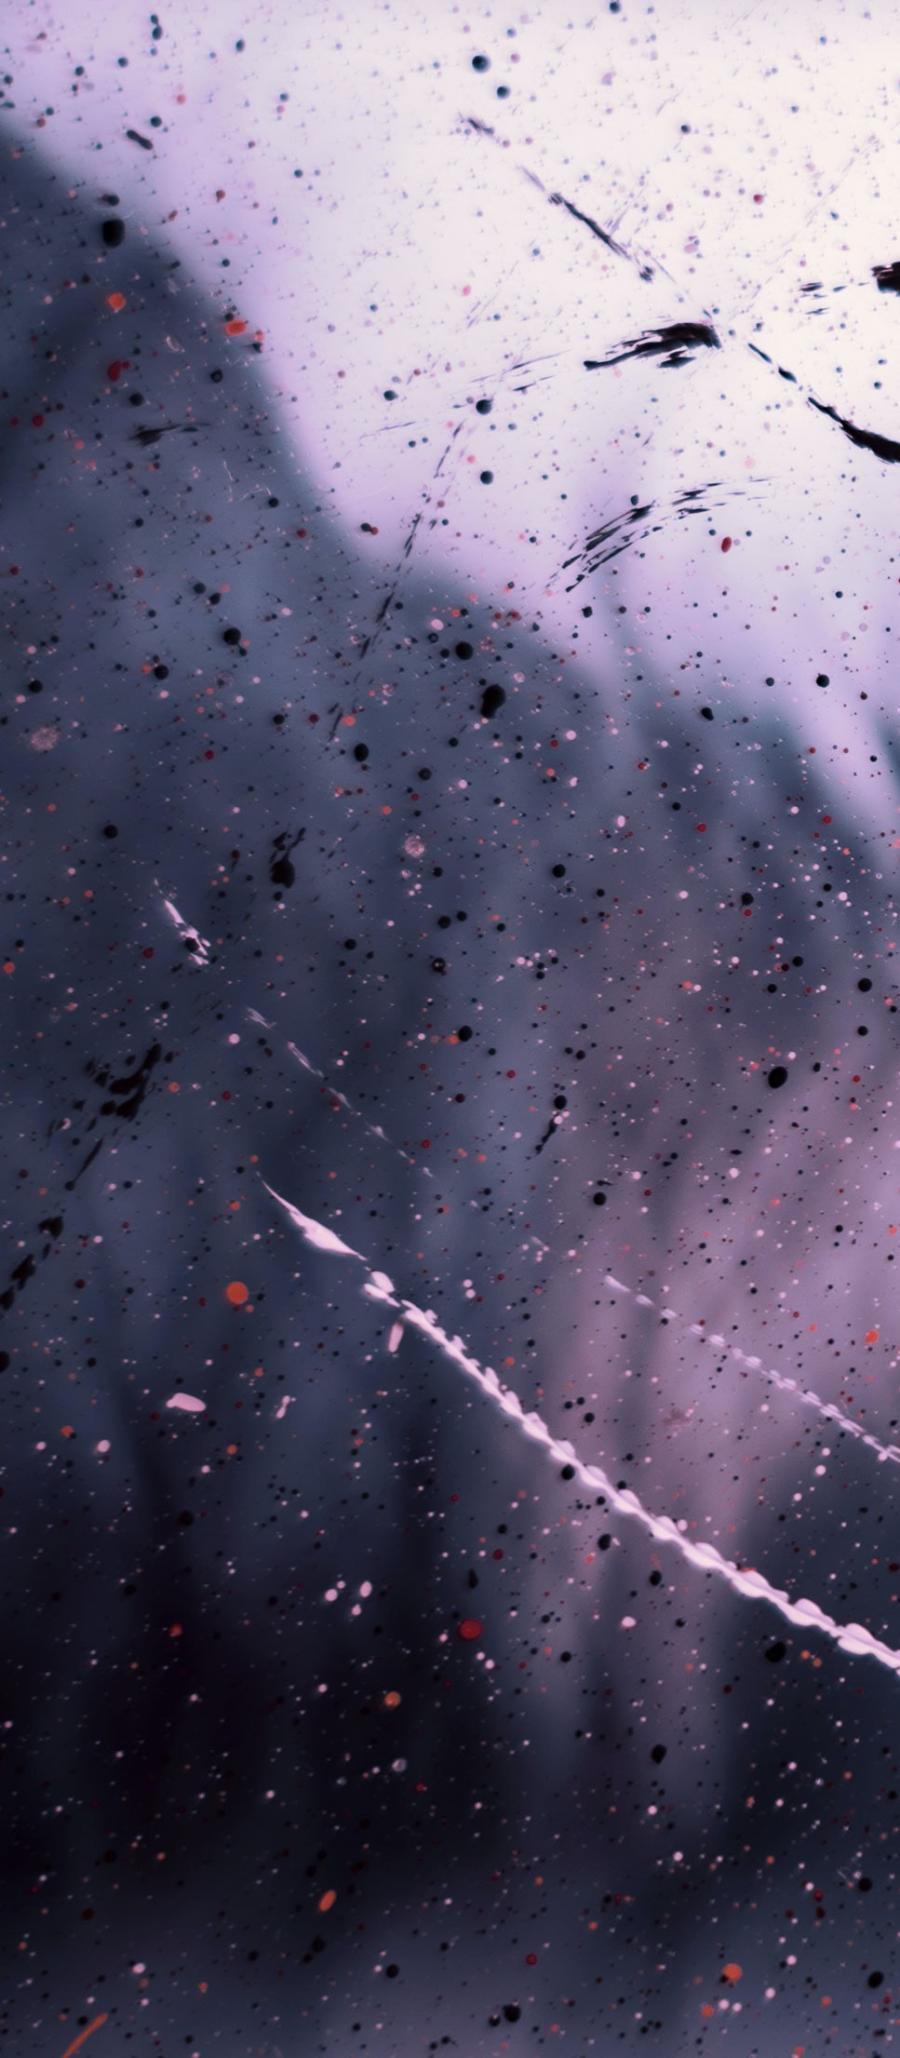 Abstrakt billede i lilla og sorte nuancer